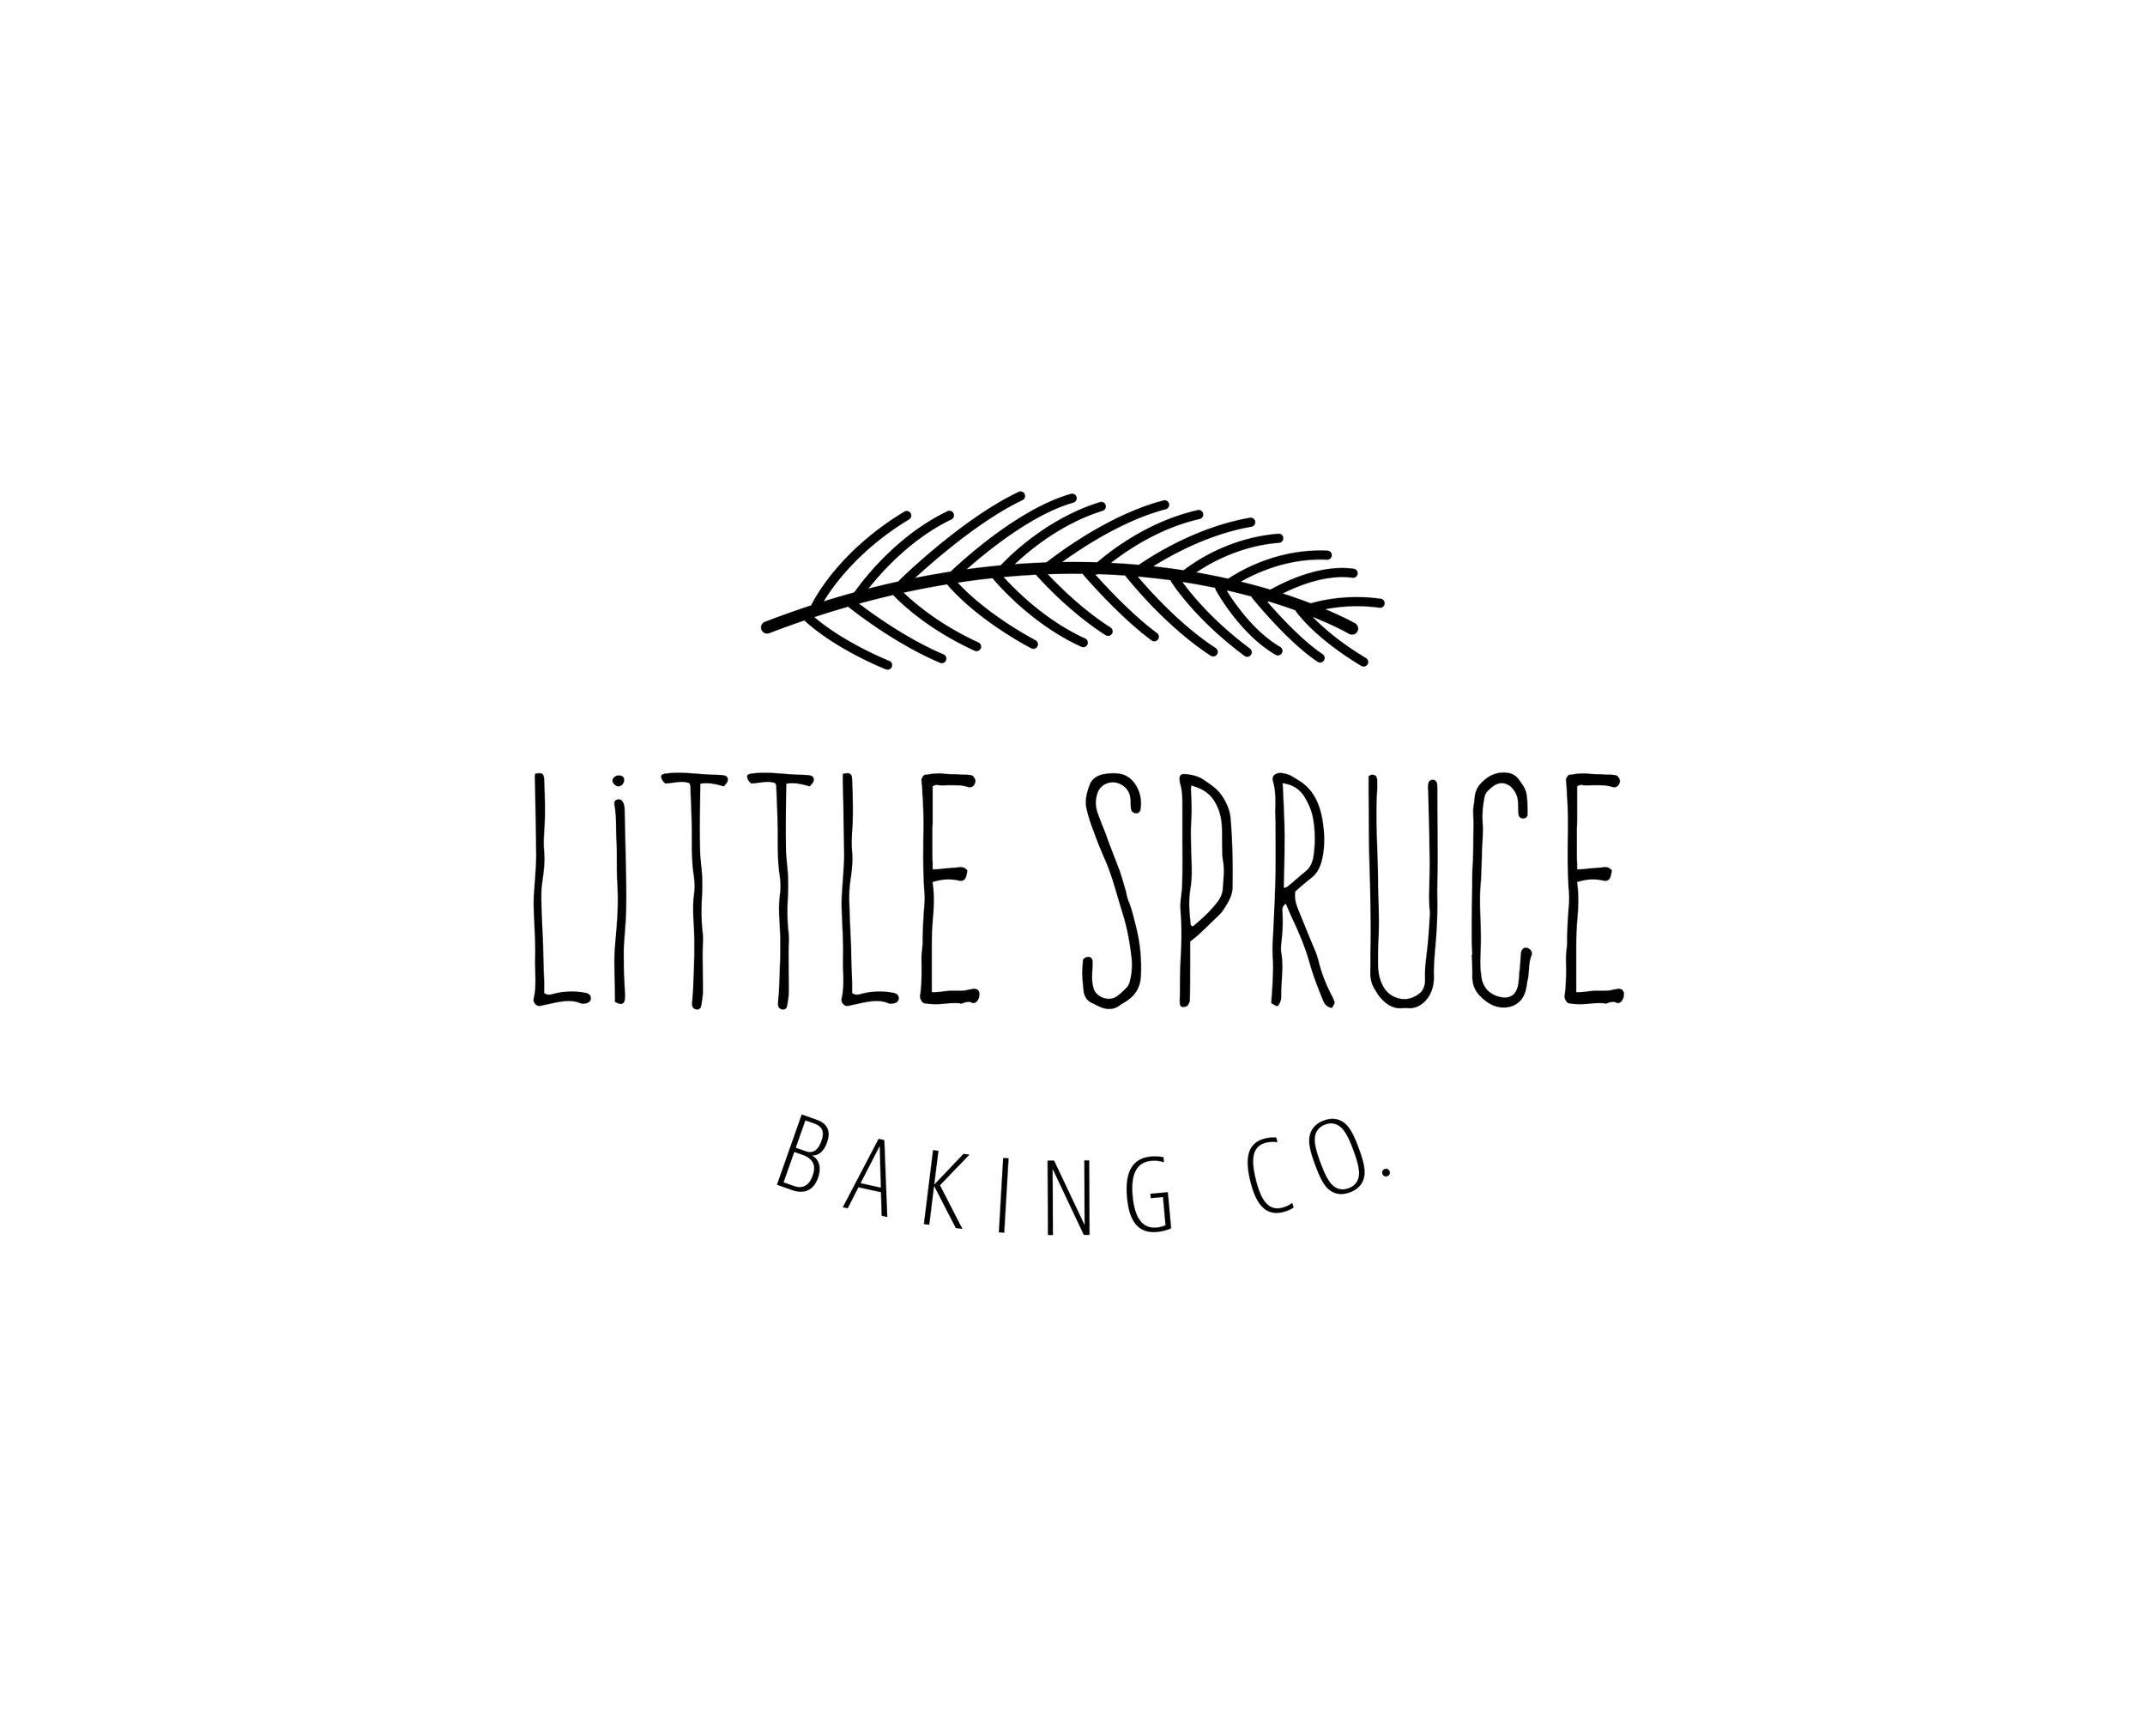 Little Spruce Baking Co.